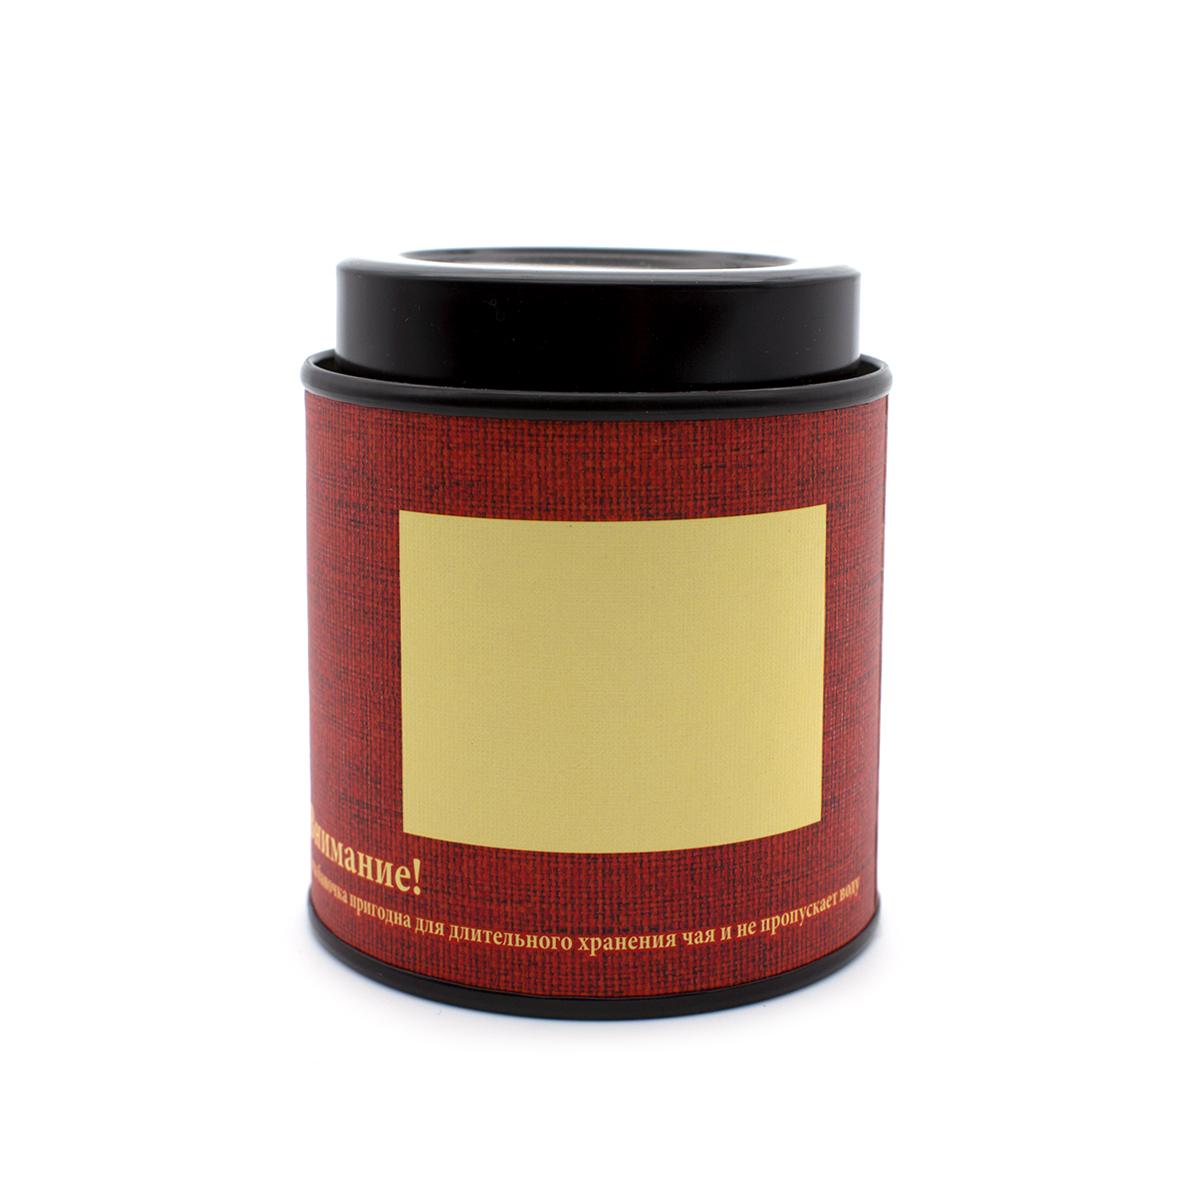 Банка картонная красная для хранения чая 77*90 банка картонная мелодия неба белый чай 76 175